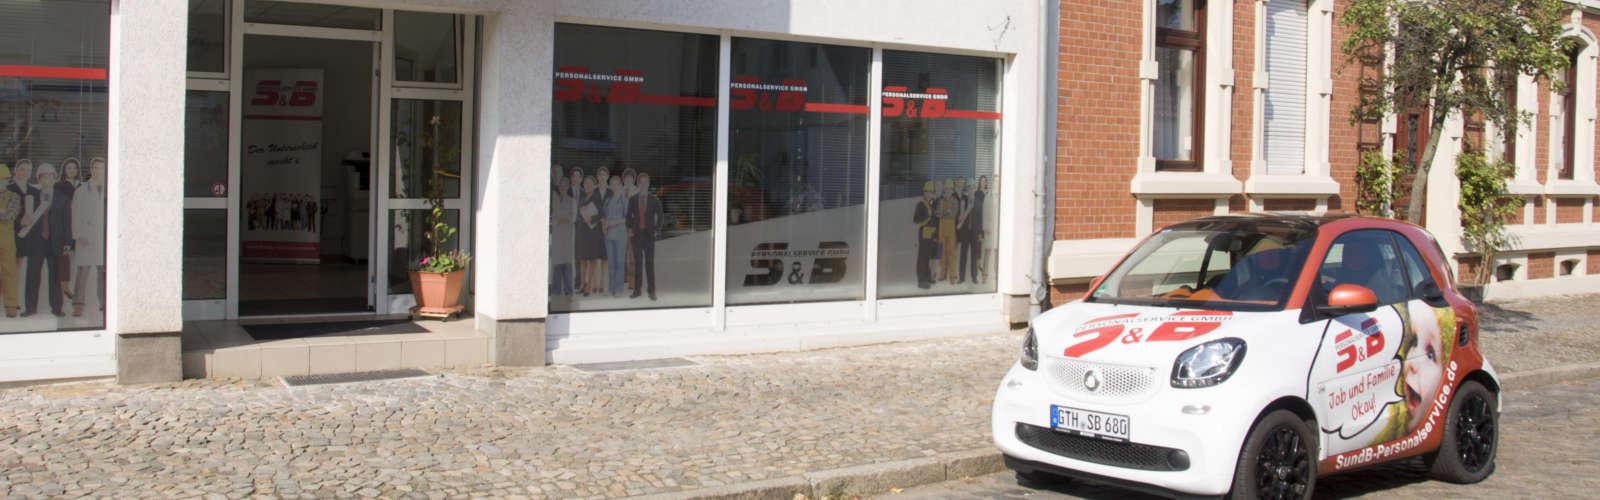 Eingang des Firmengebäudes der S&B Personalservice GmbH in Magdeburg